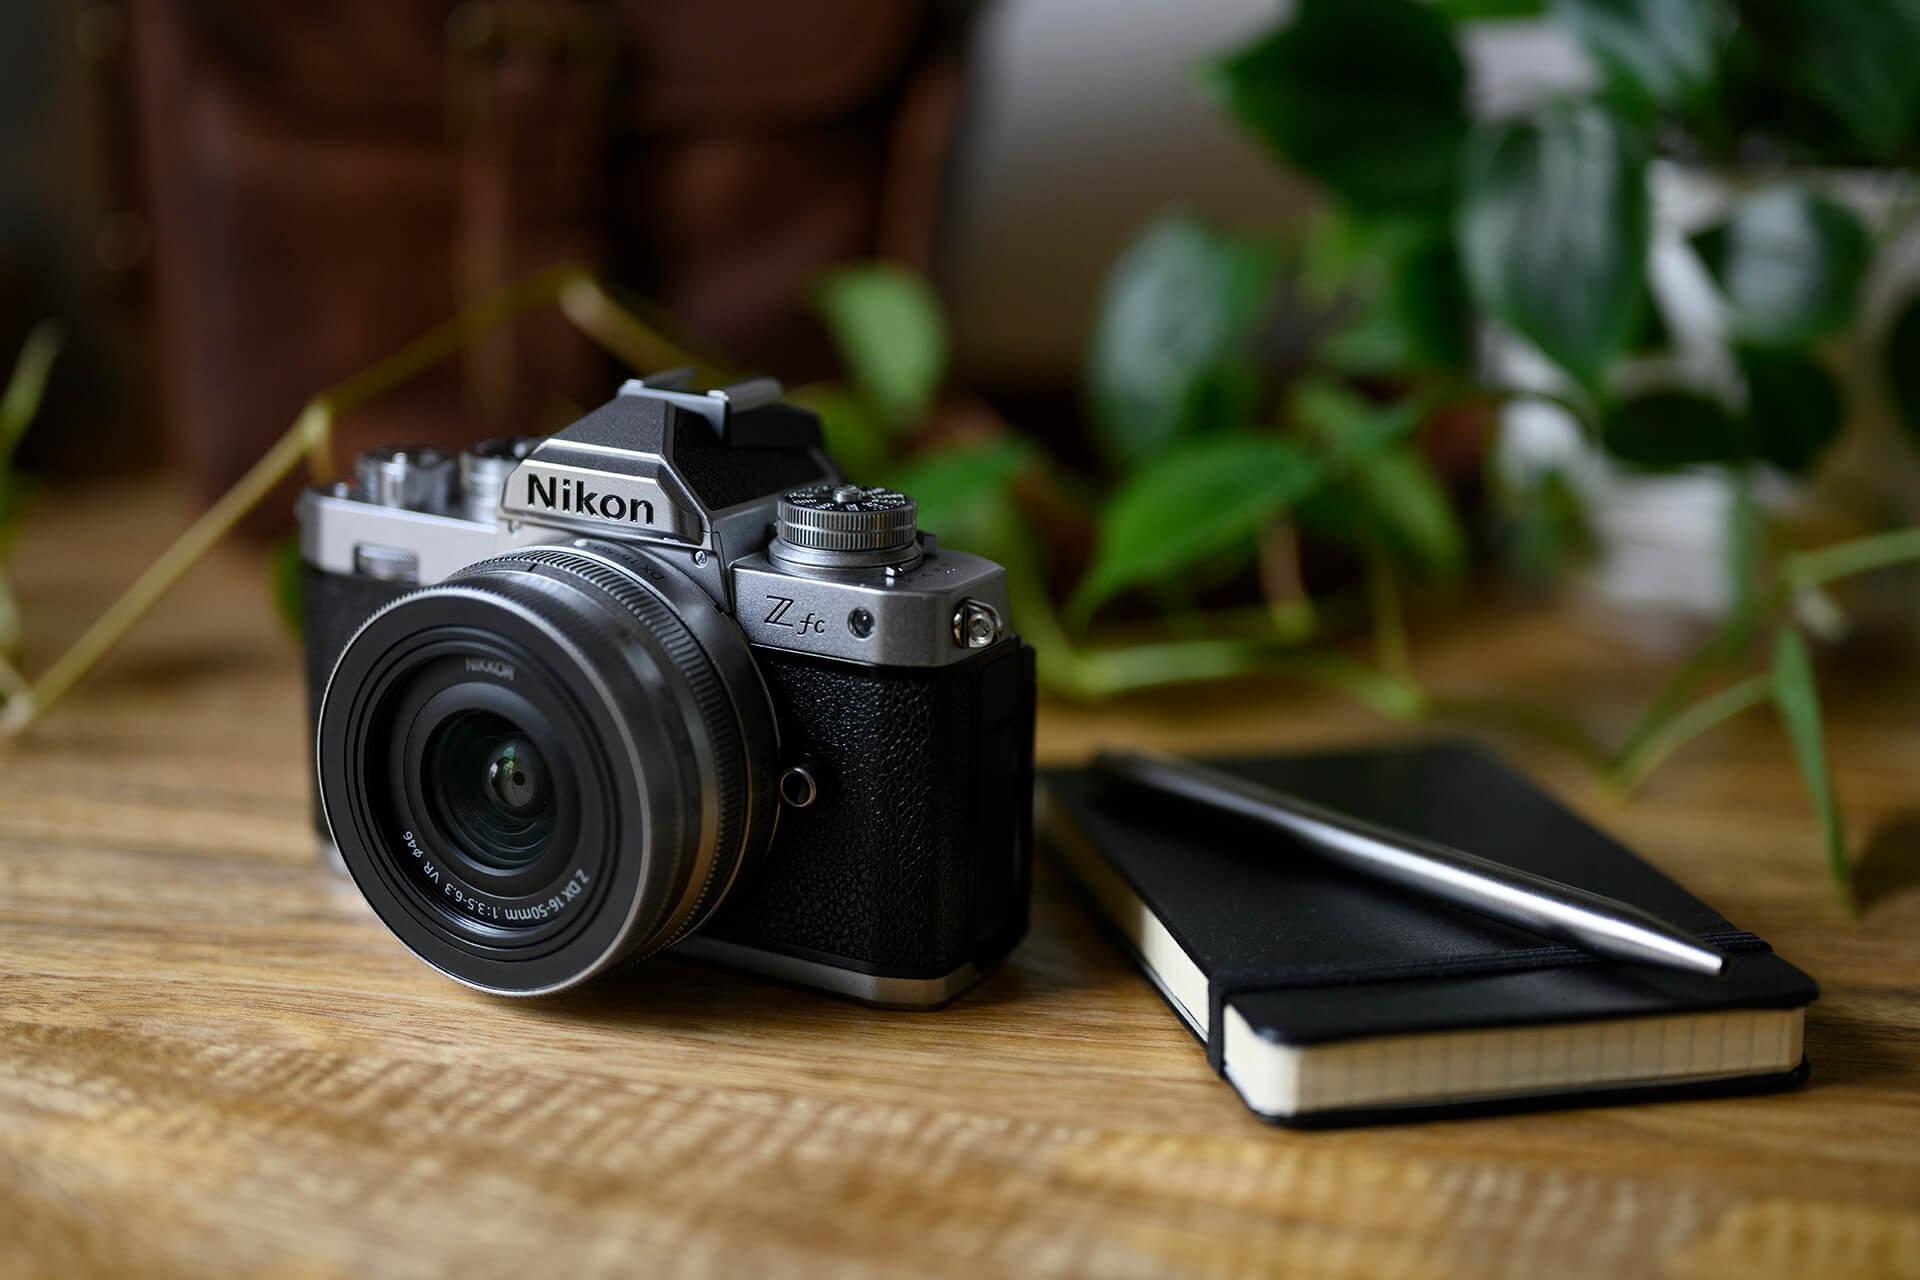 Model Z vychází z oblíbené filmové jednooké zrcadlovky Nikon FM2 z 80. let, od kterého si vypůjčil některé ovládací i designové prvky!